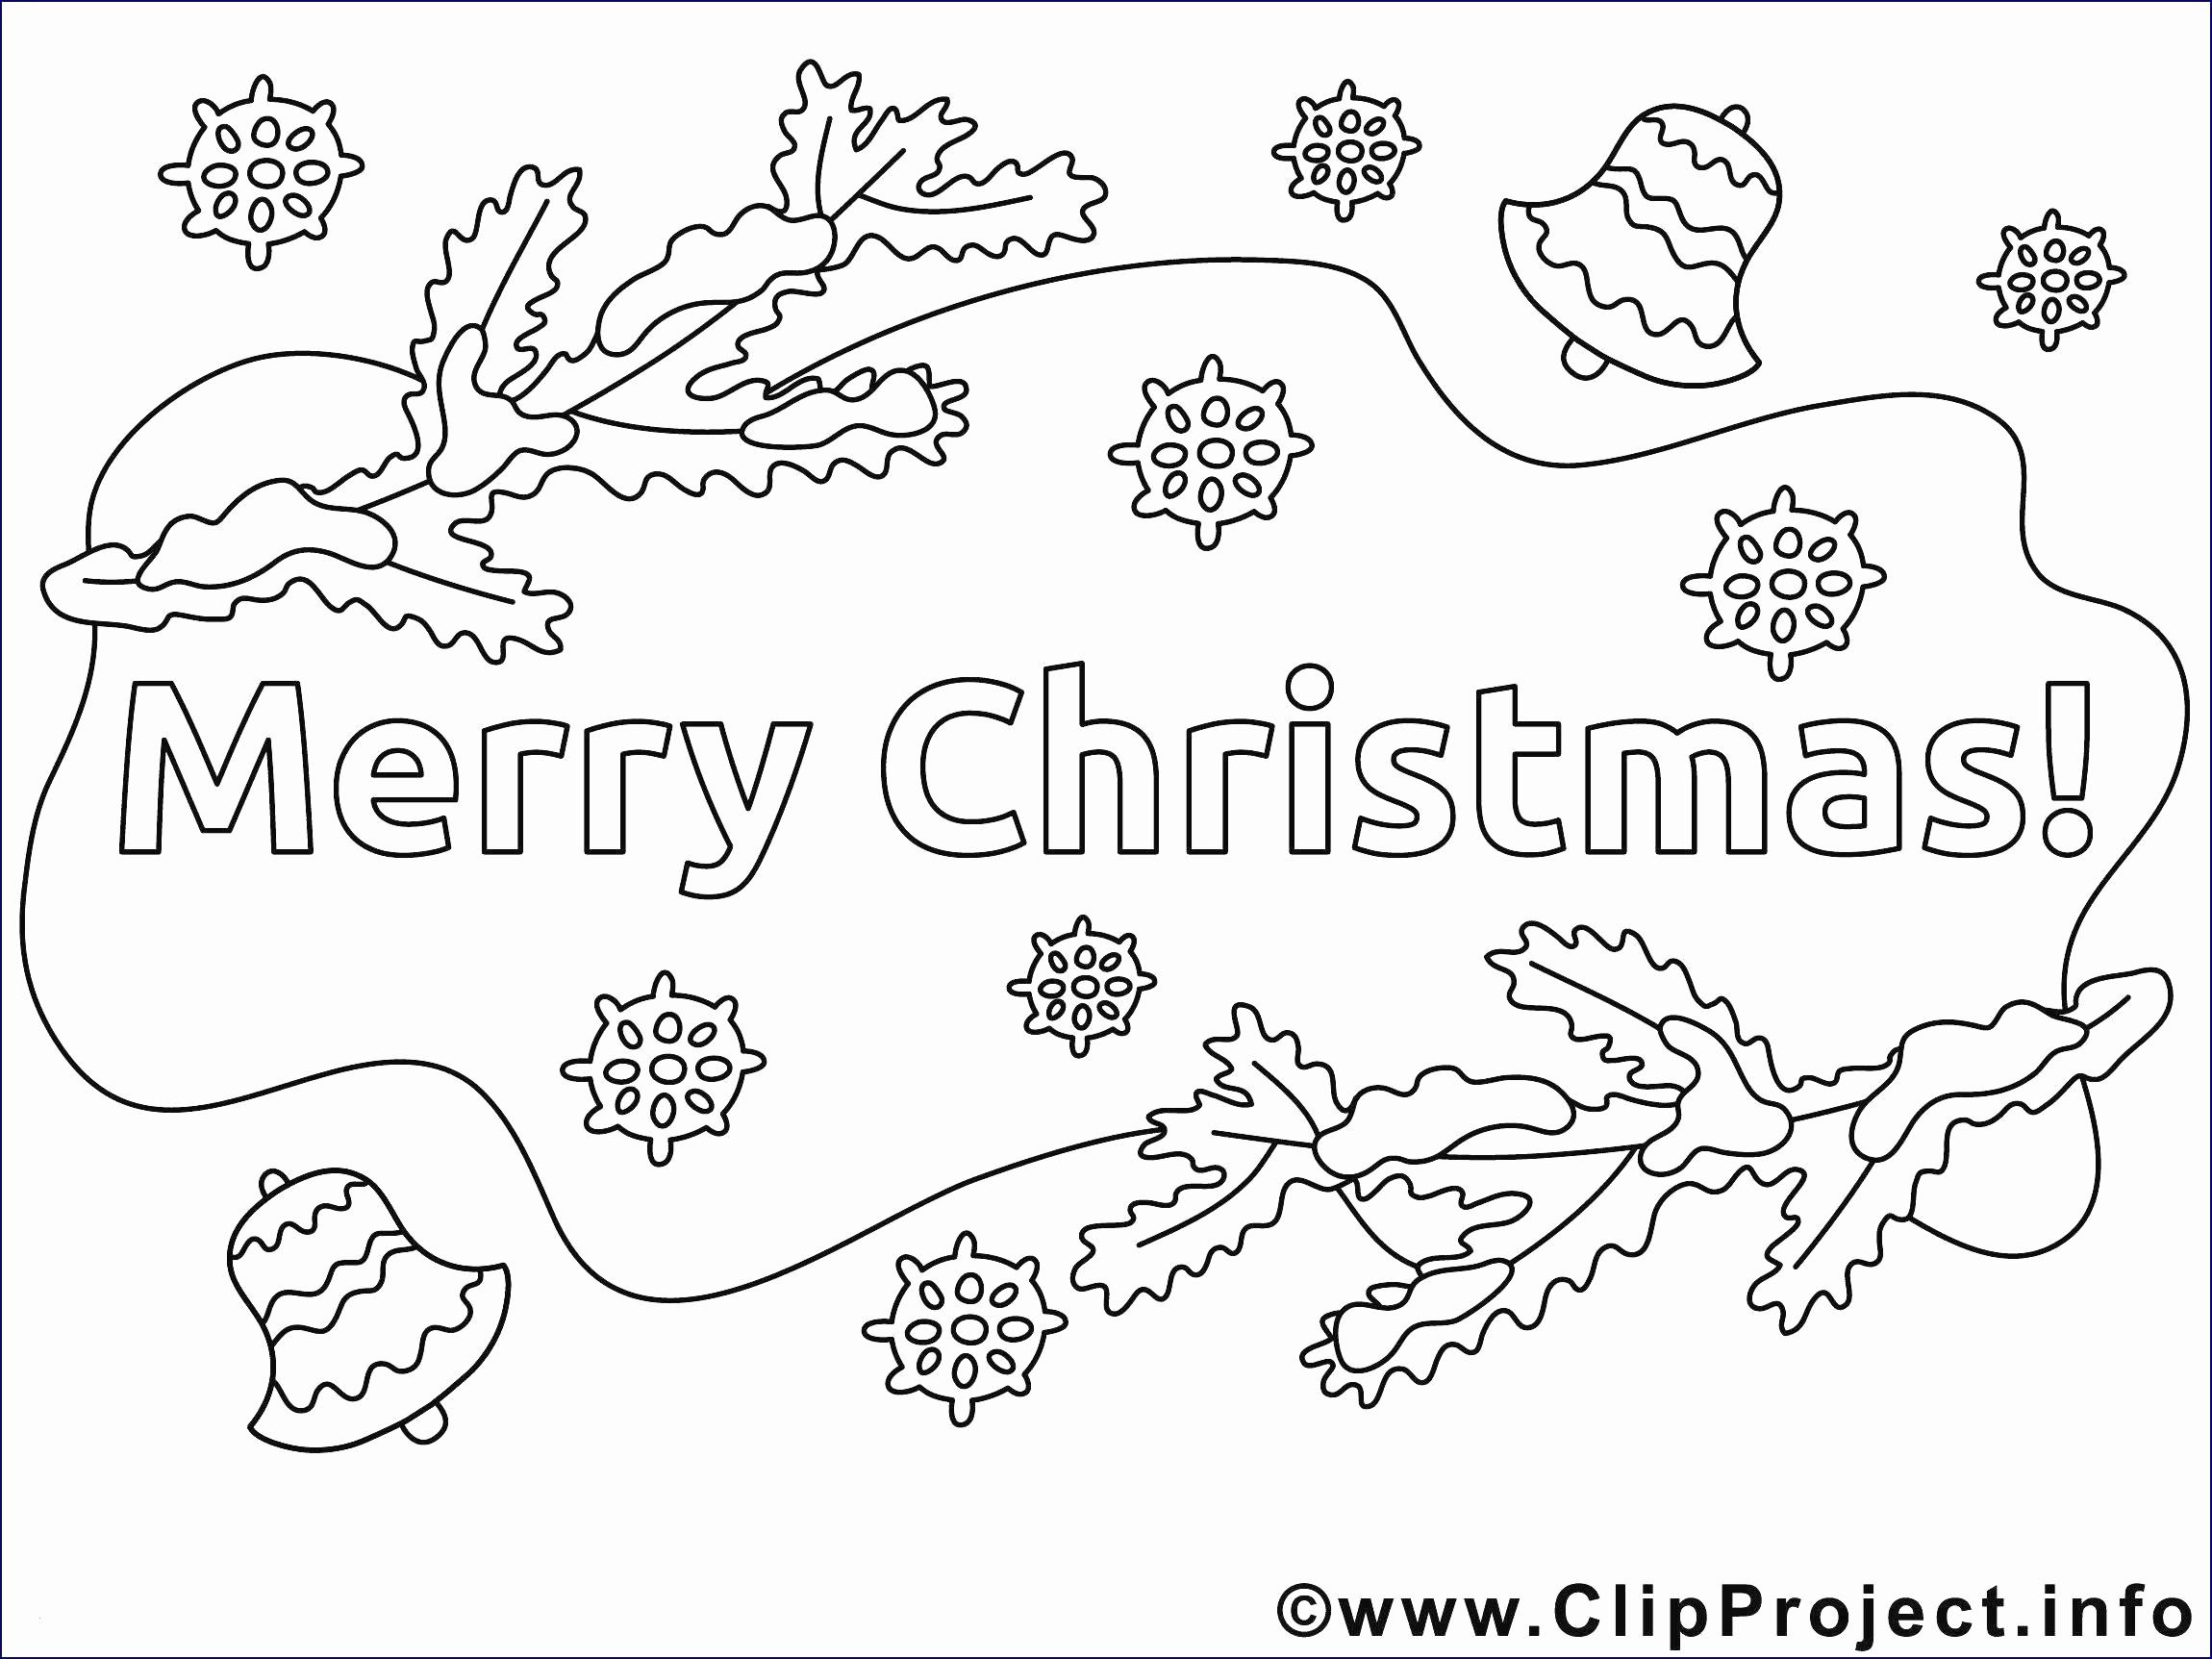 Malvorlagen Für Weihnachten Einzigartig 53 Konzepte Fotos Von Malvorlagen Für Erwachsene Das Bild